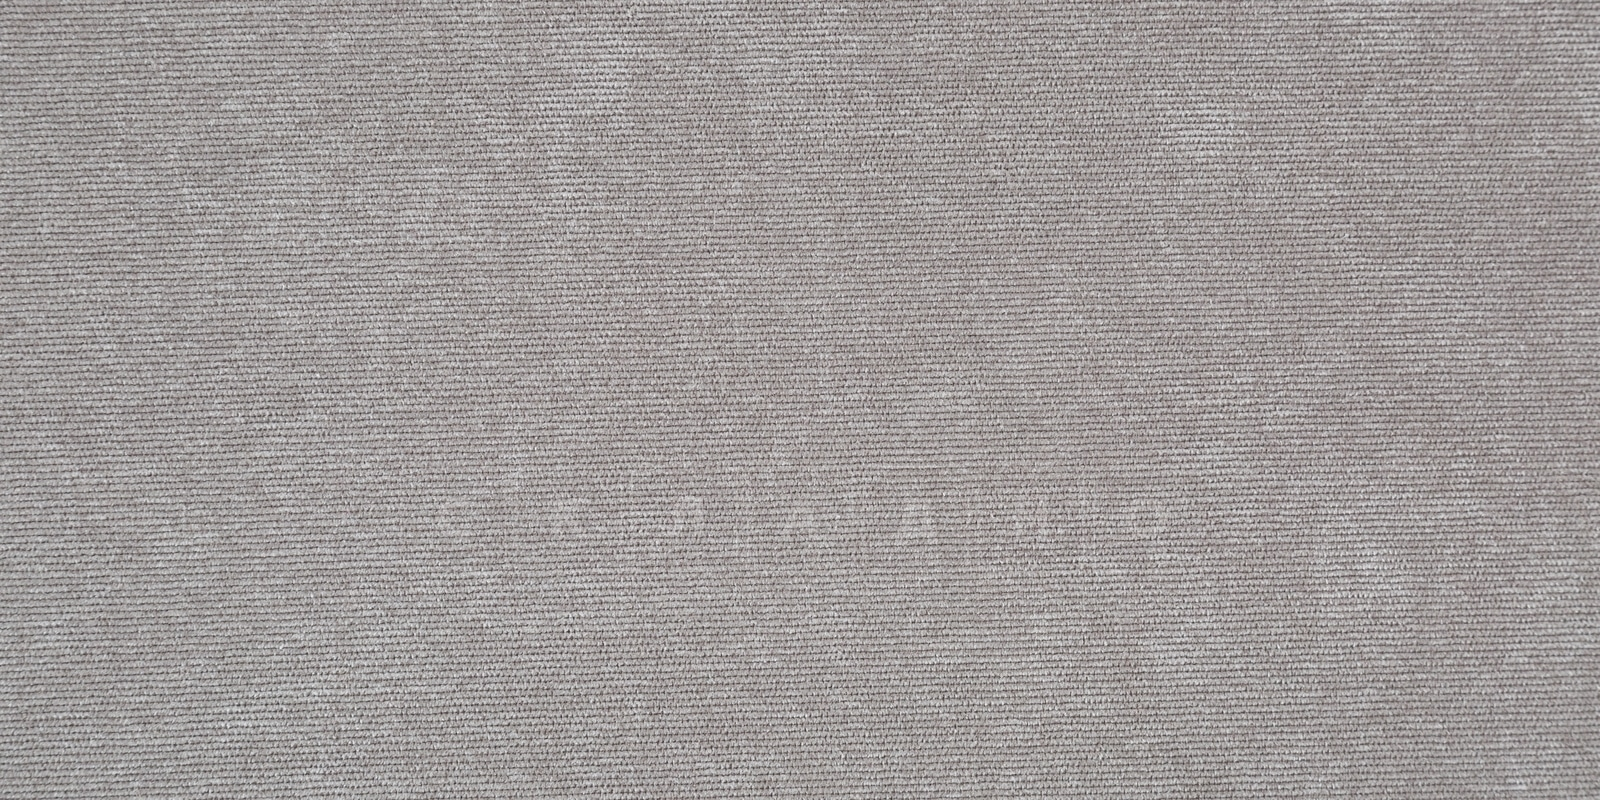 Диван Парма серый вельвет фото 6 | интернет-магазин Складно